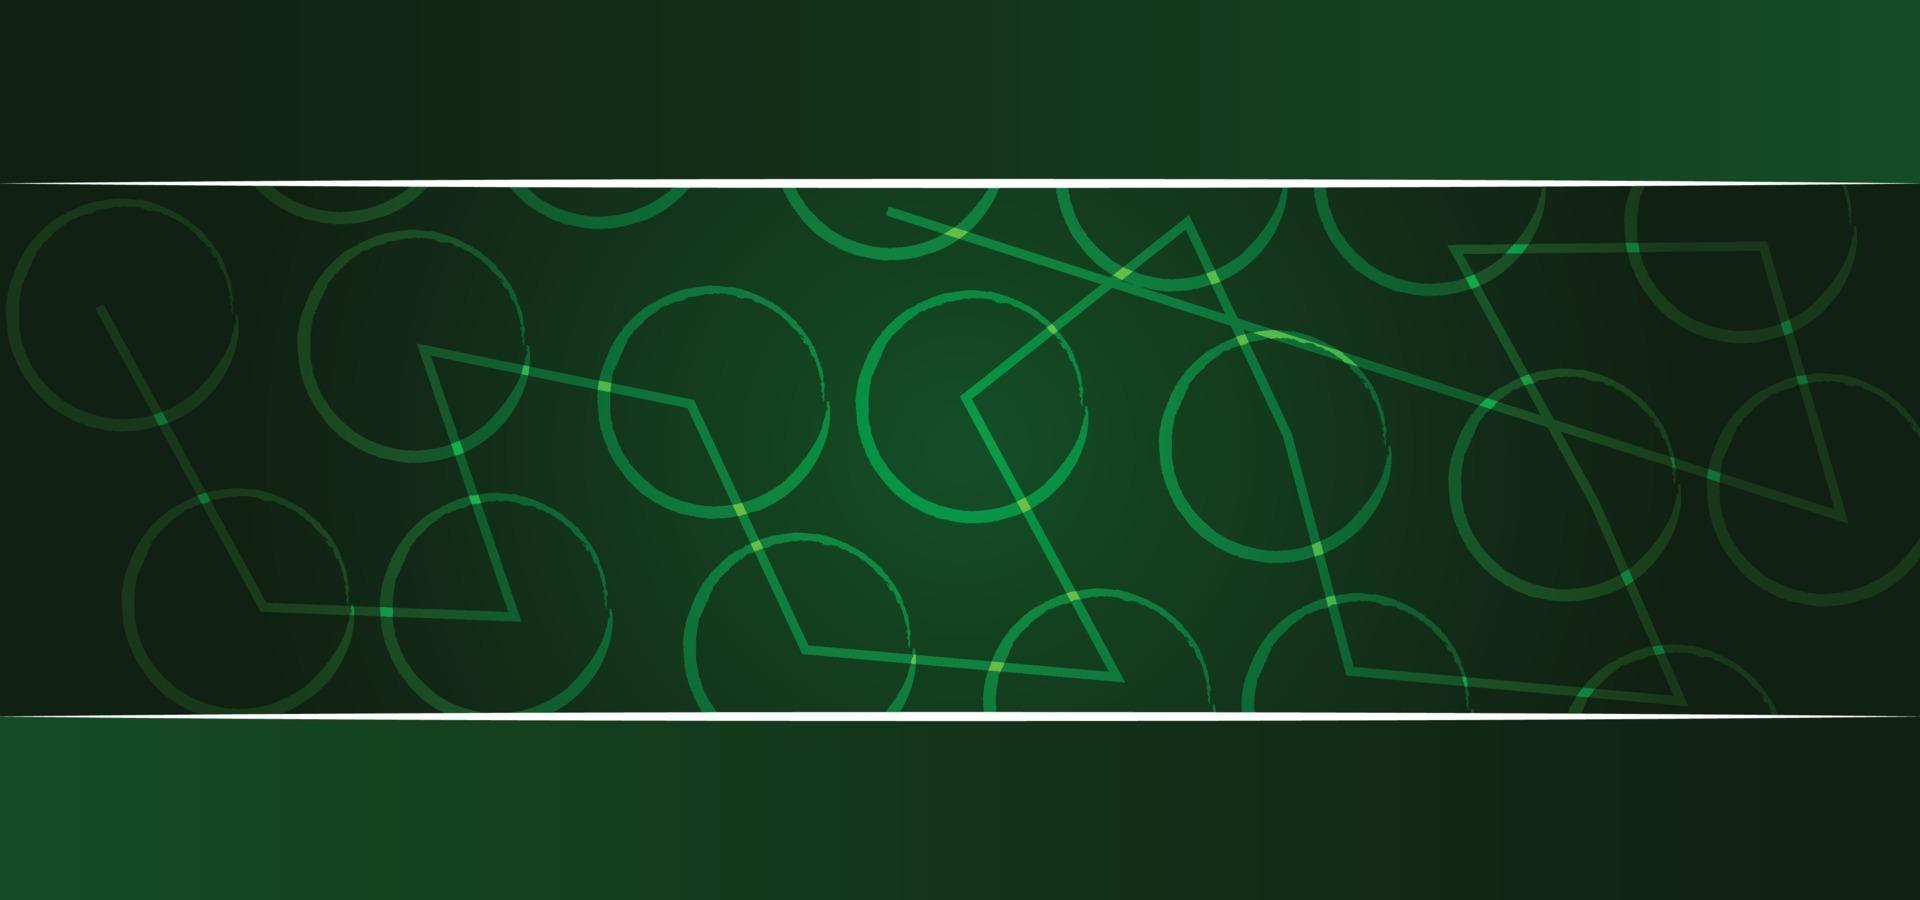 grüner geometrischer Muster schöner Hintergrund oder Fahne vektor